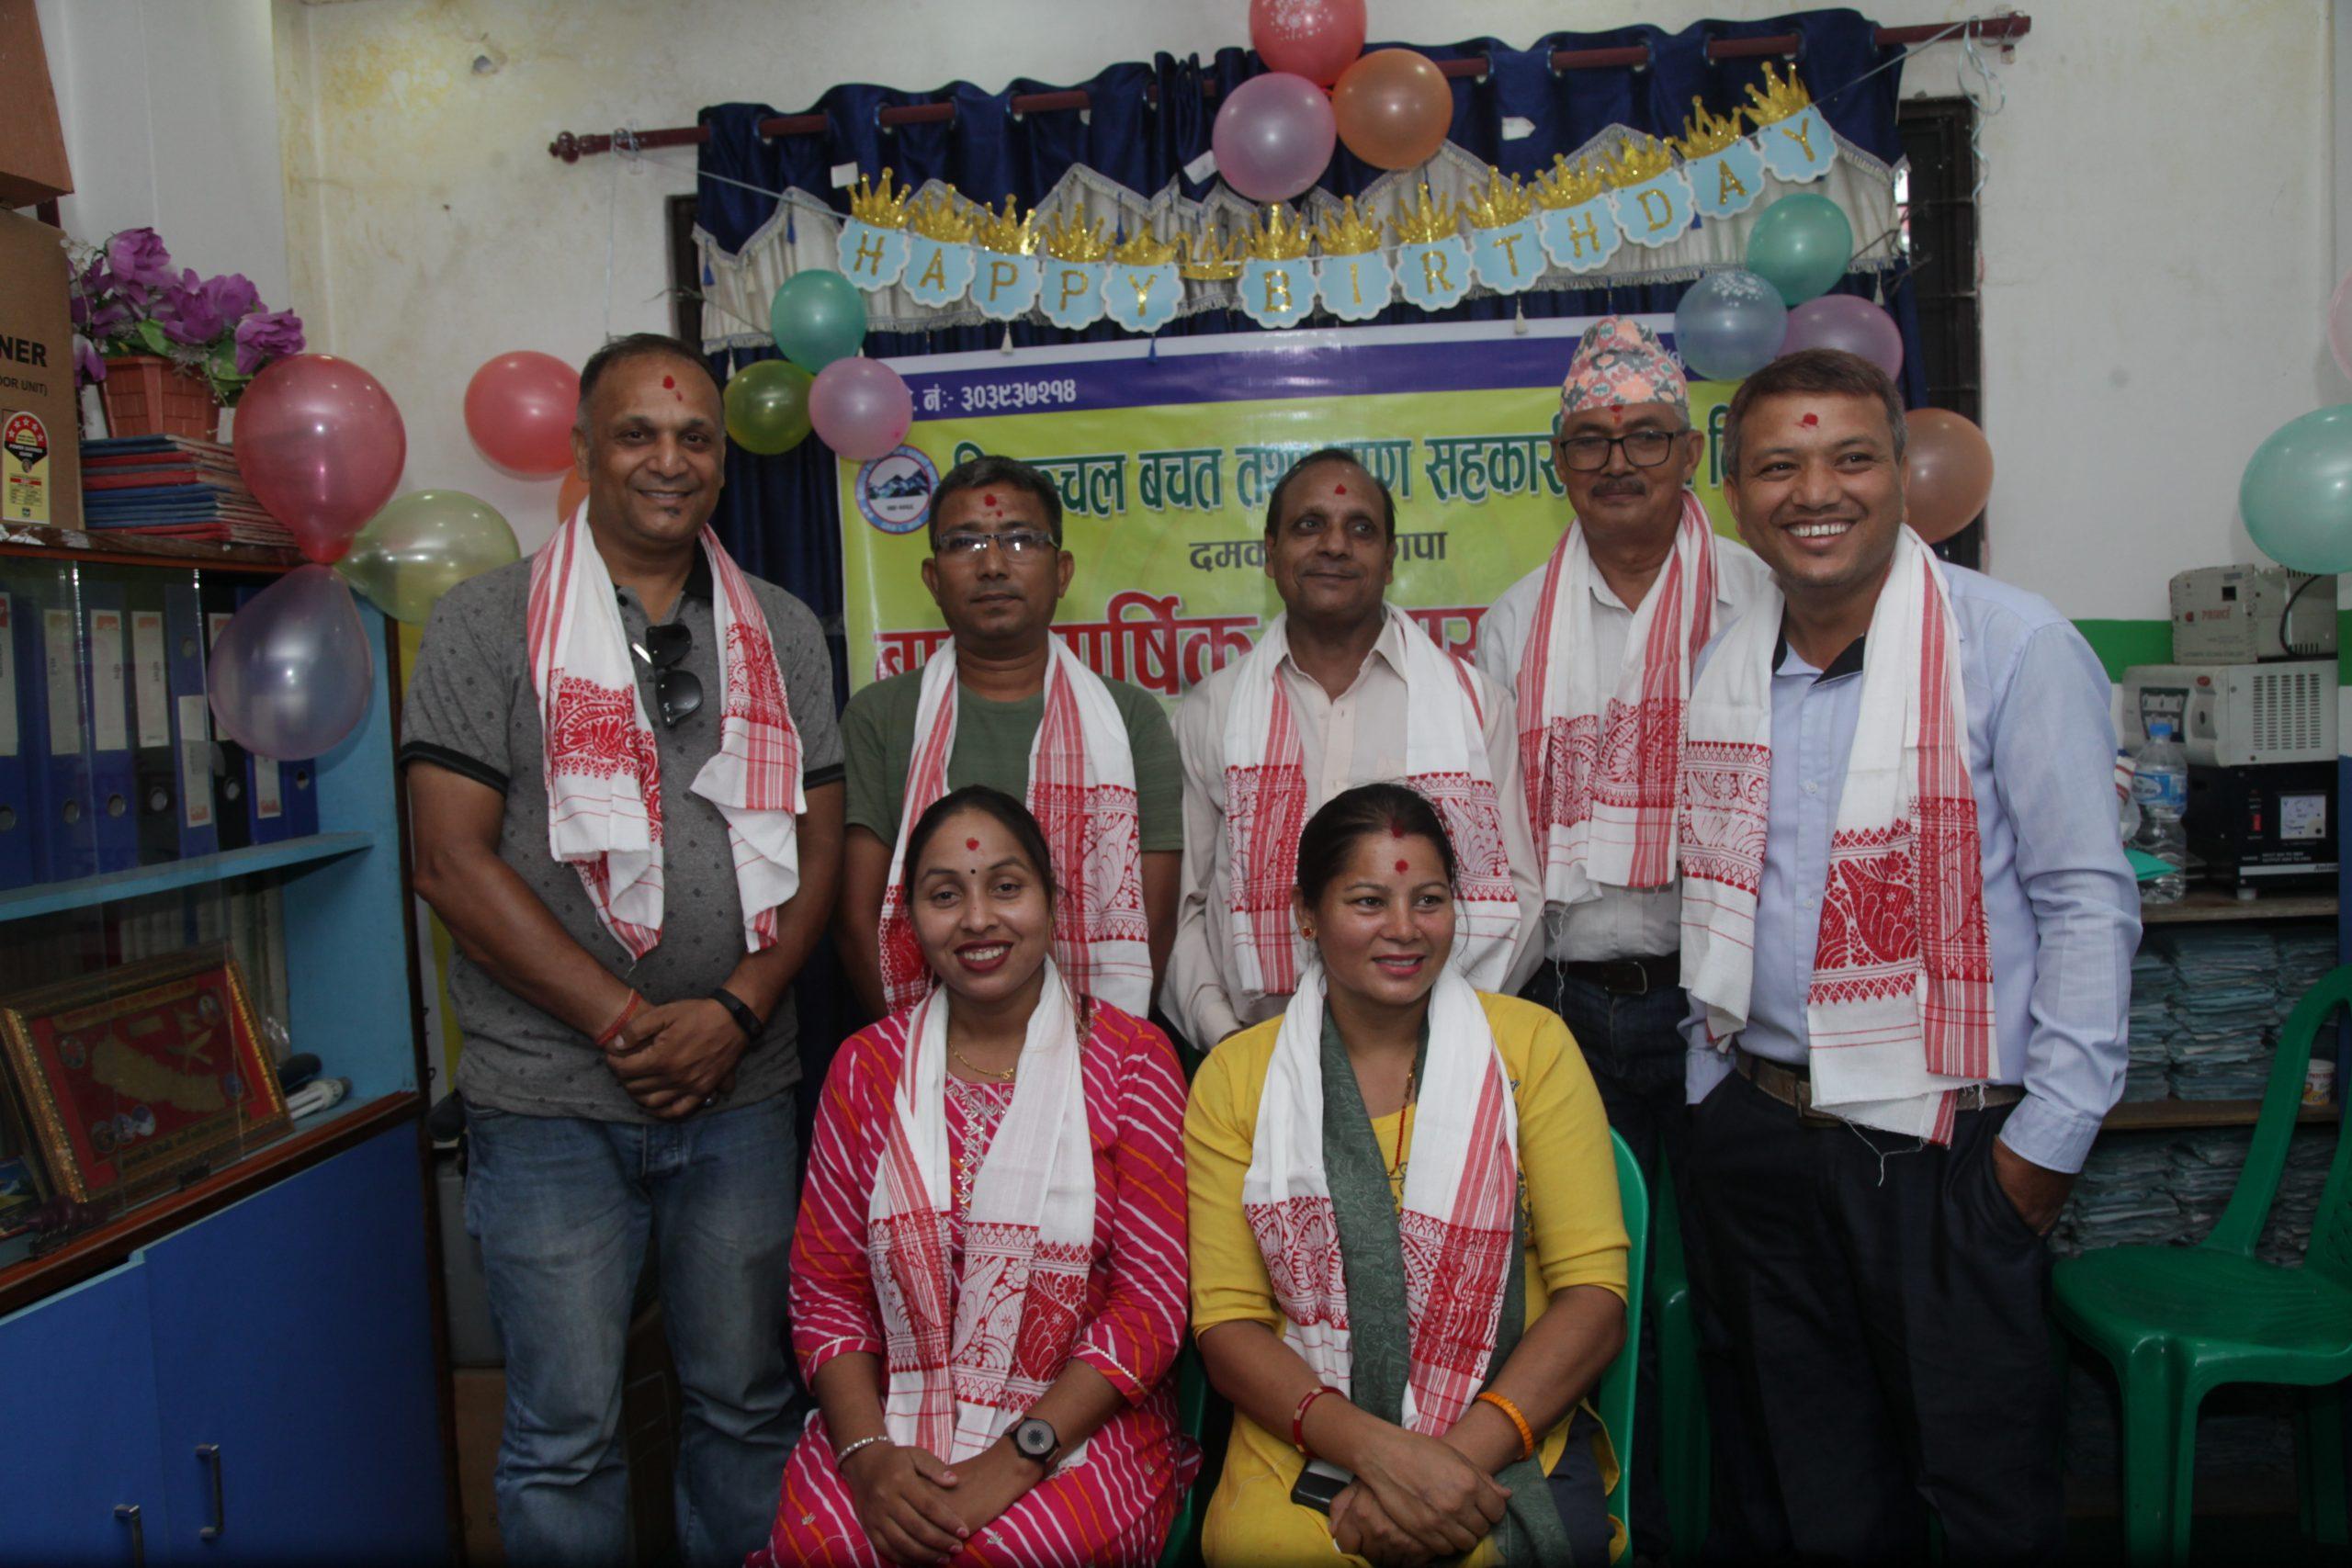 हिमाञ्चल साकोसको सपथ ग्रहण र बधाई शुभकामना कार्यक्रम